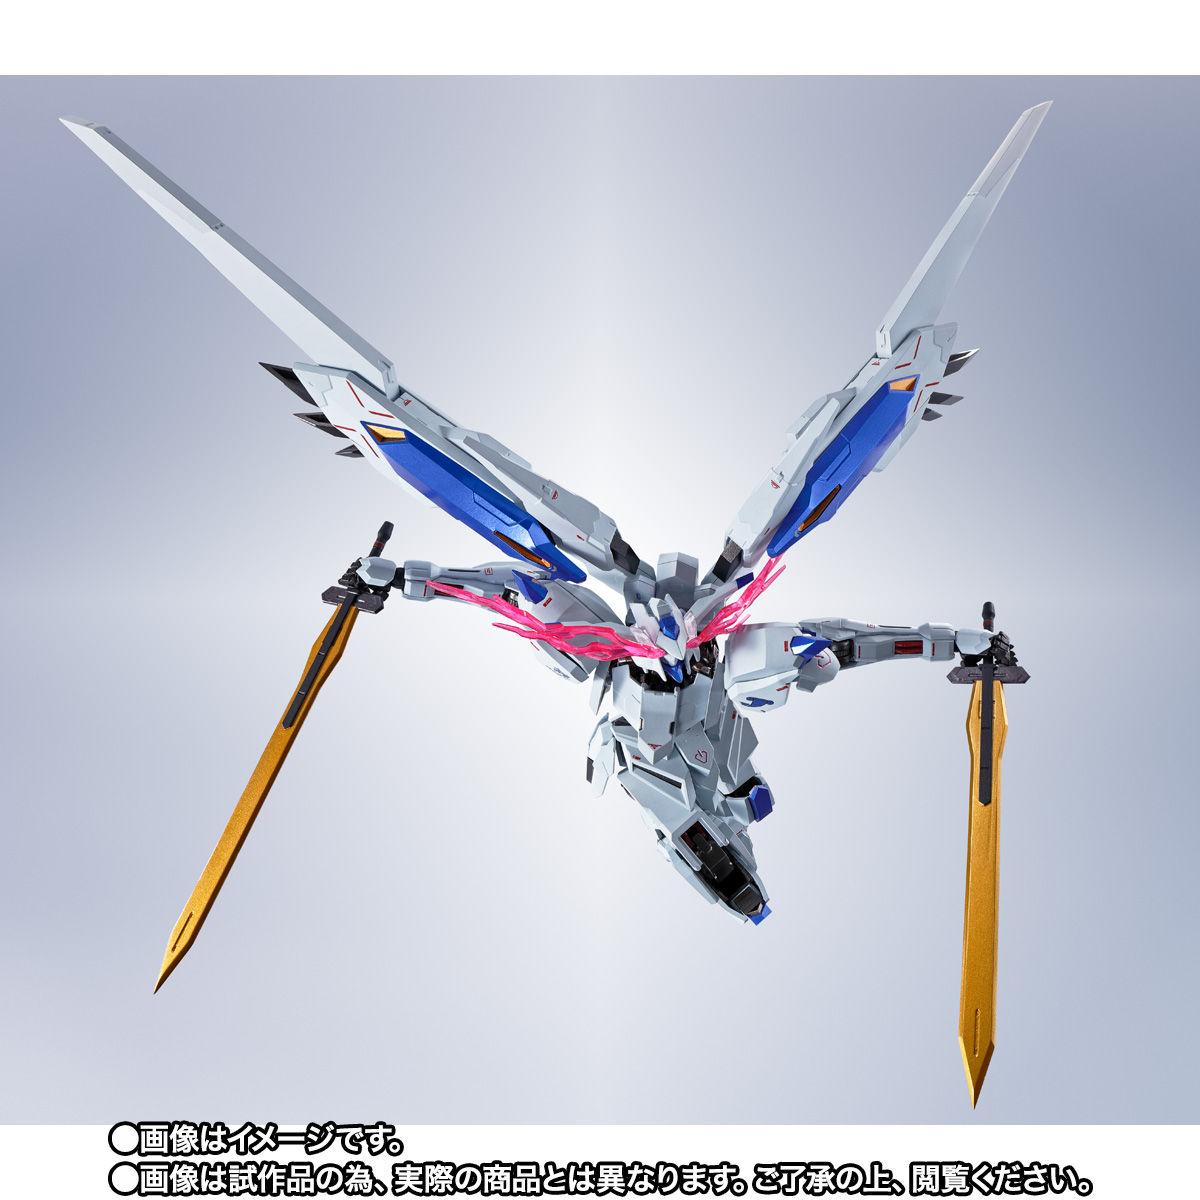 【限定販売】METAL ROBOT魂〈SIDE MS〉『ガンダムバエル』鉄血のオルフェンズ 可動フィギュア-006